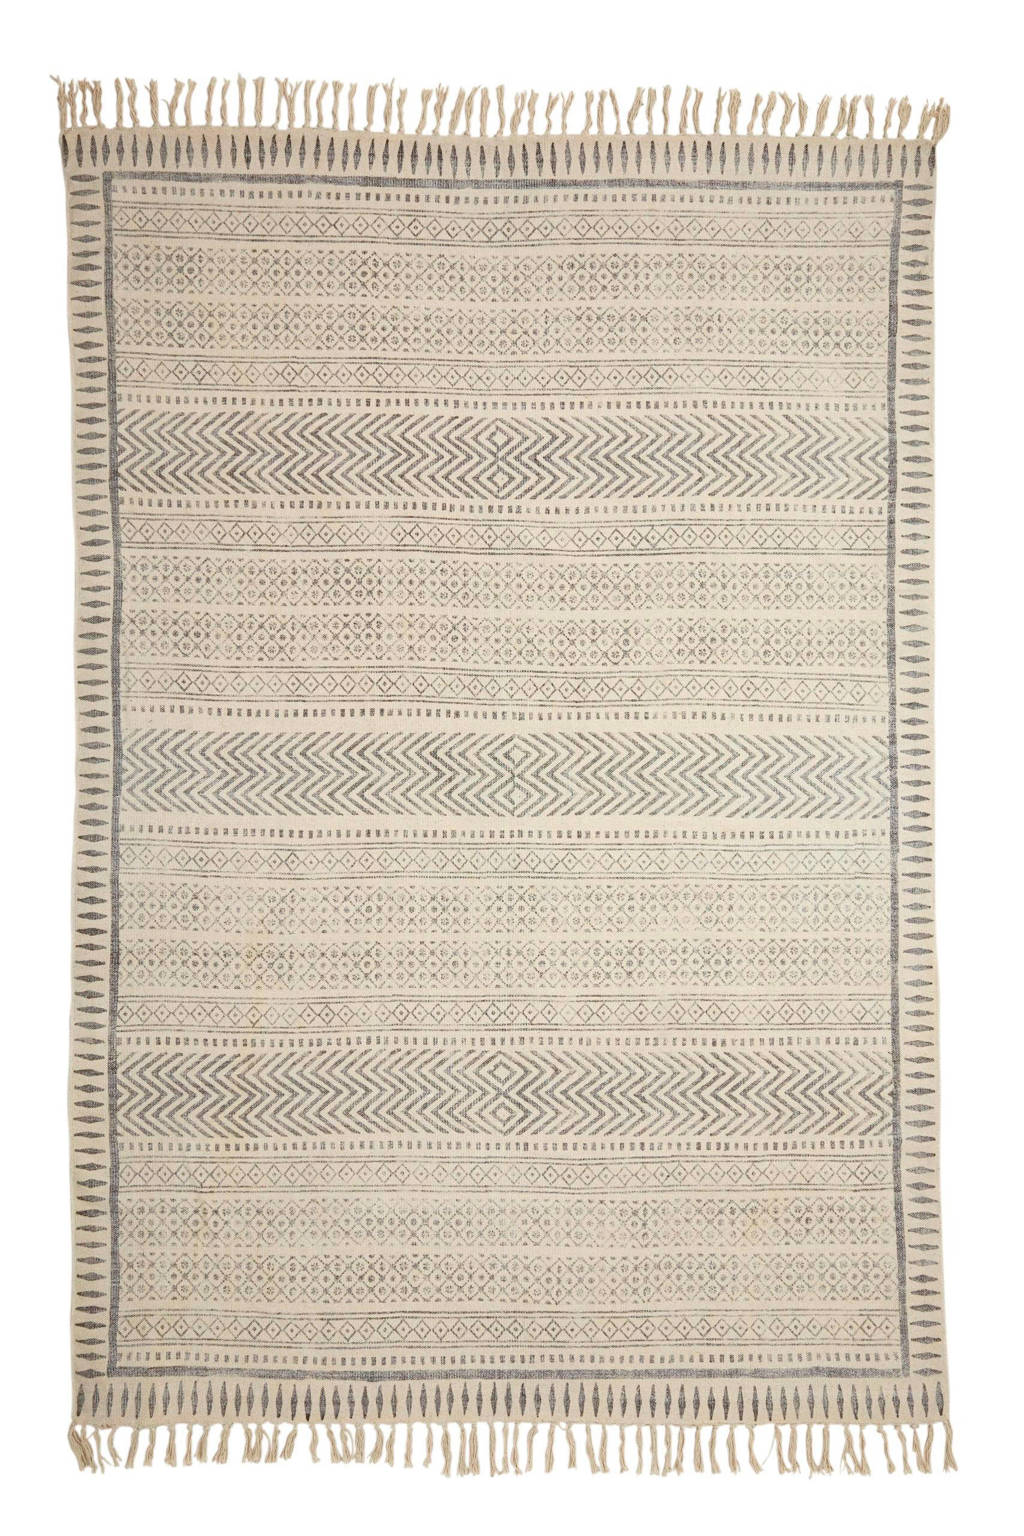 whkmp's own vloerkleed  (230x160 cm), Ecru/grijs